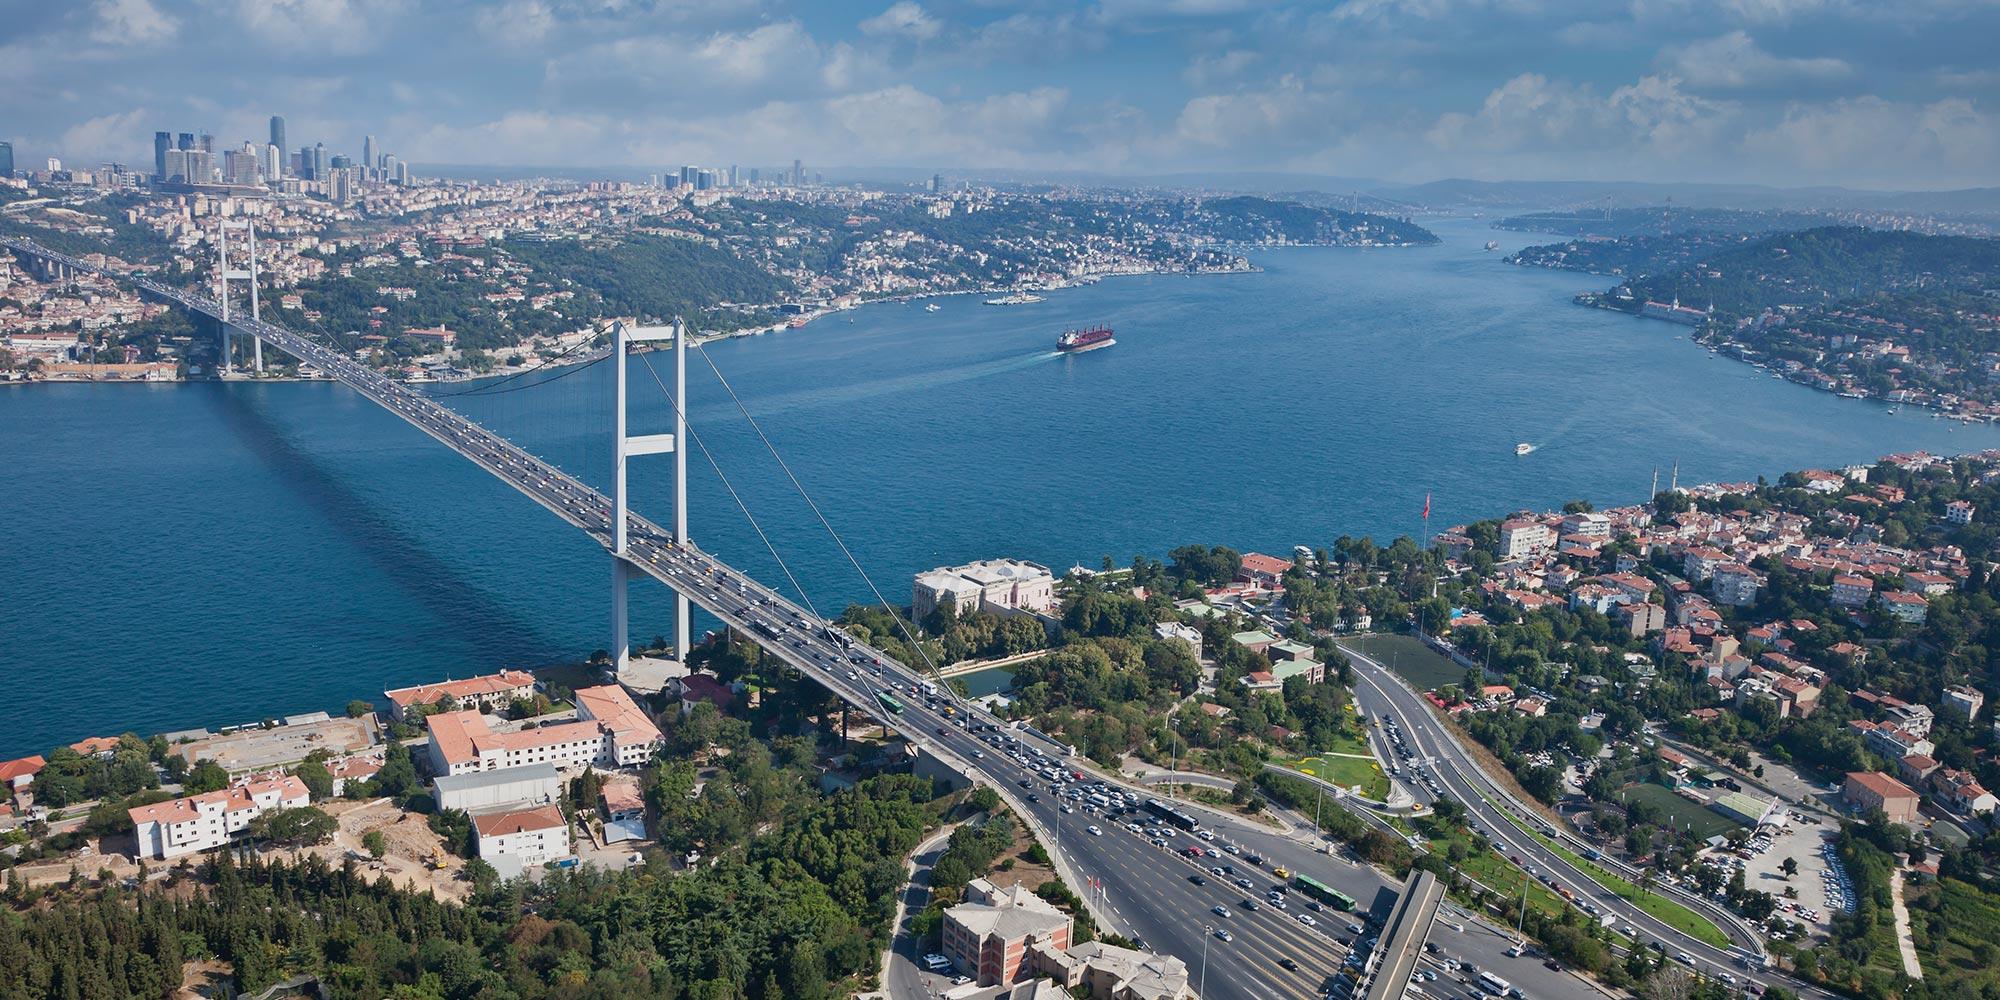 bosporus-bridge